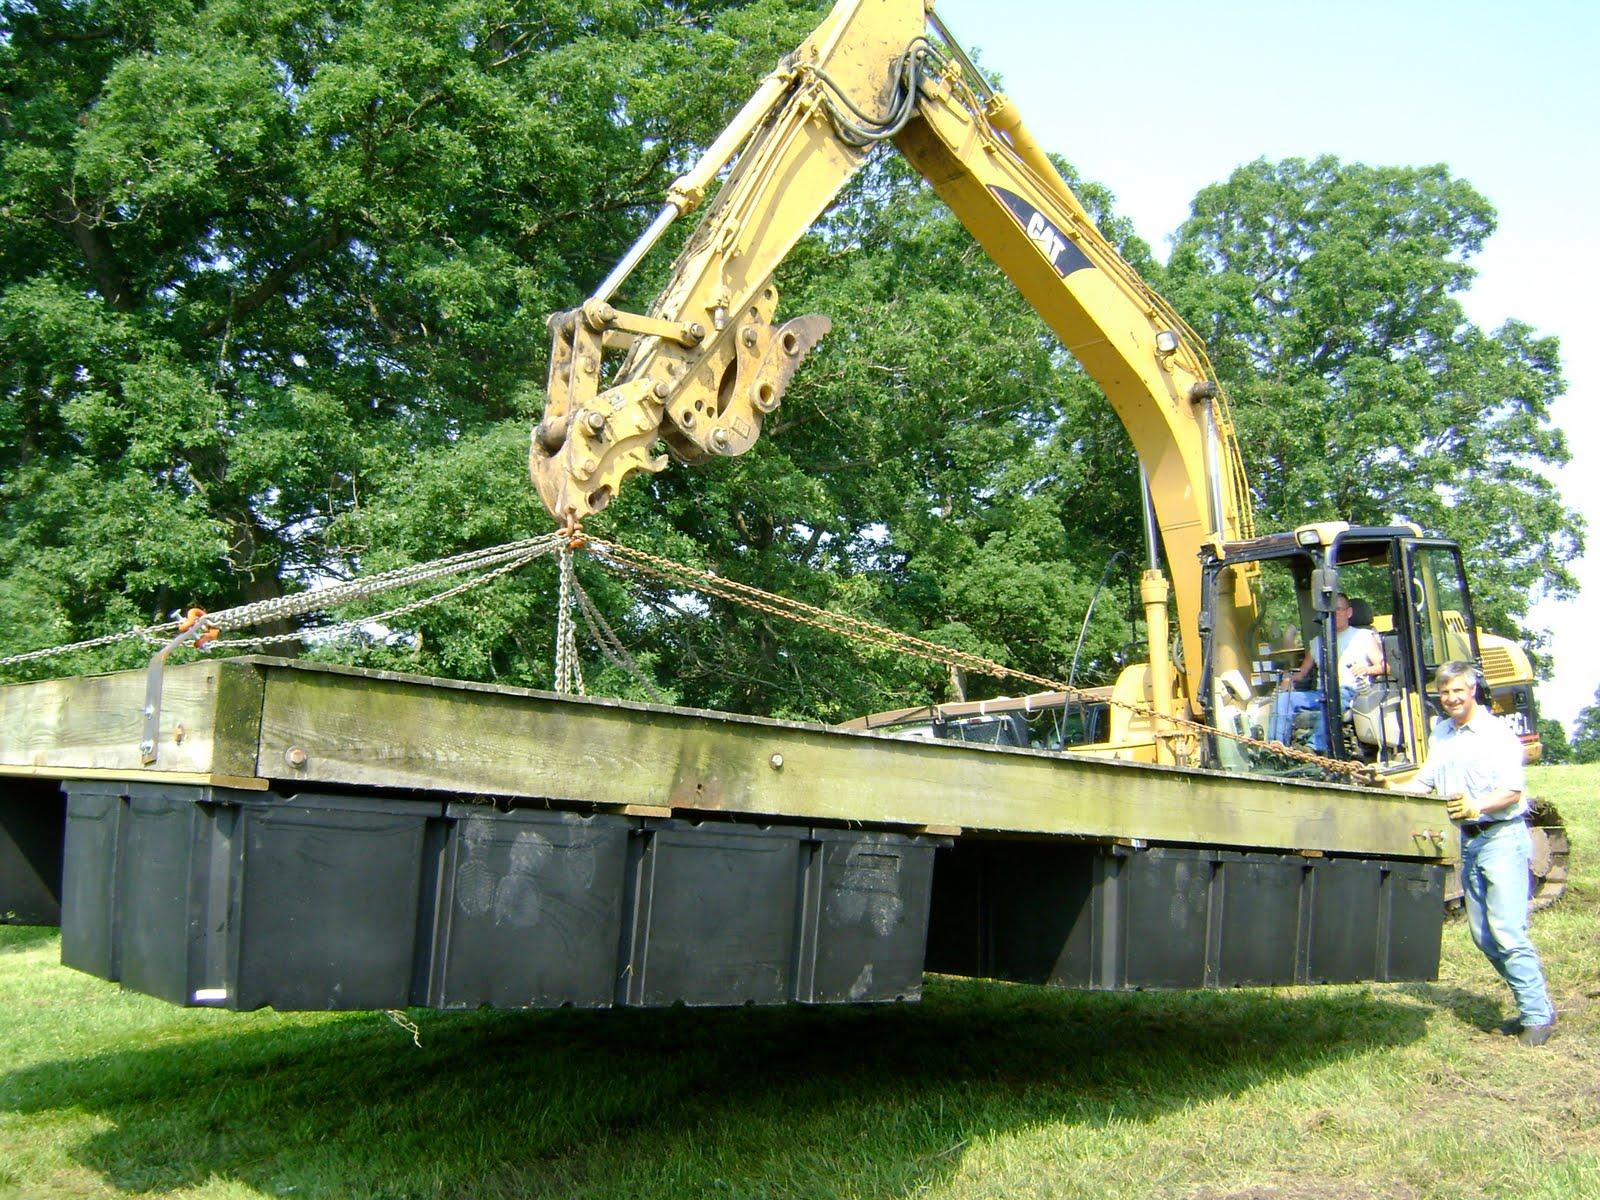 Herman Brothers Blog: Building Floating Docks